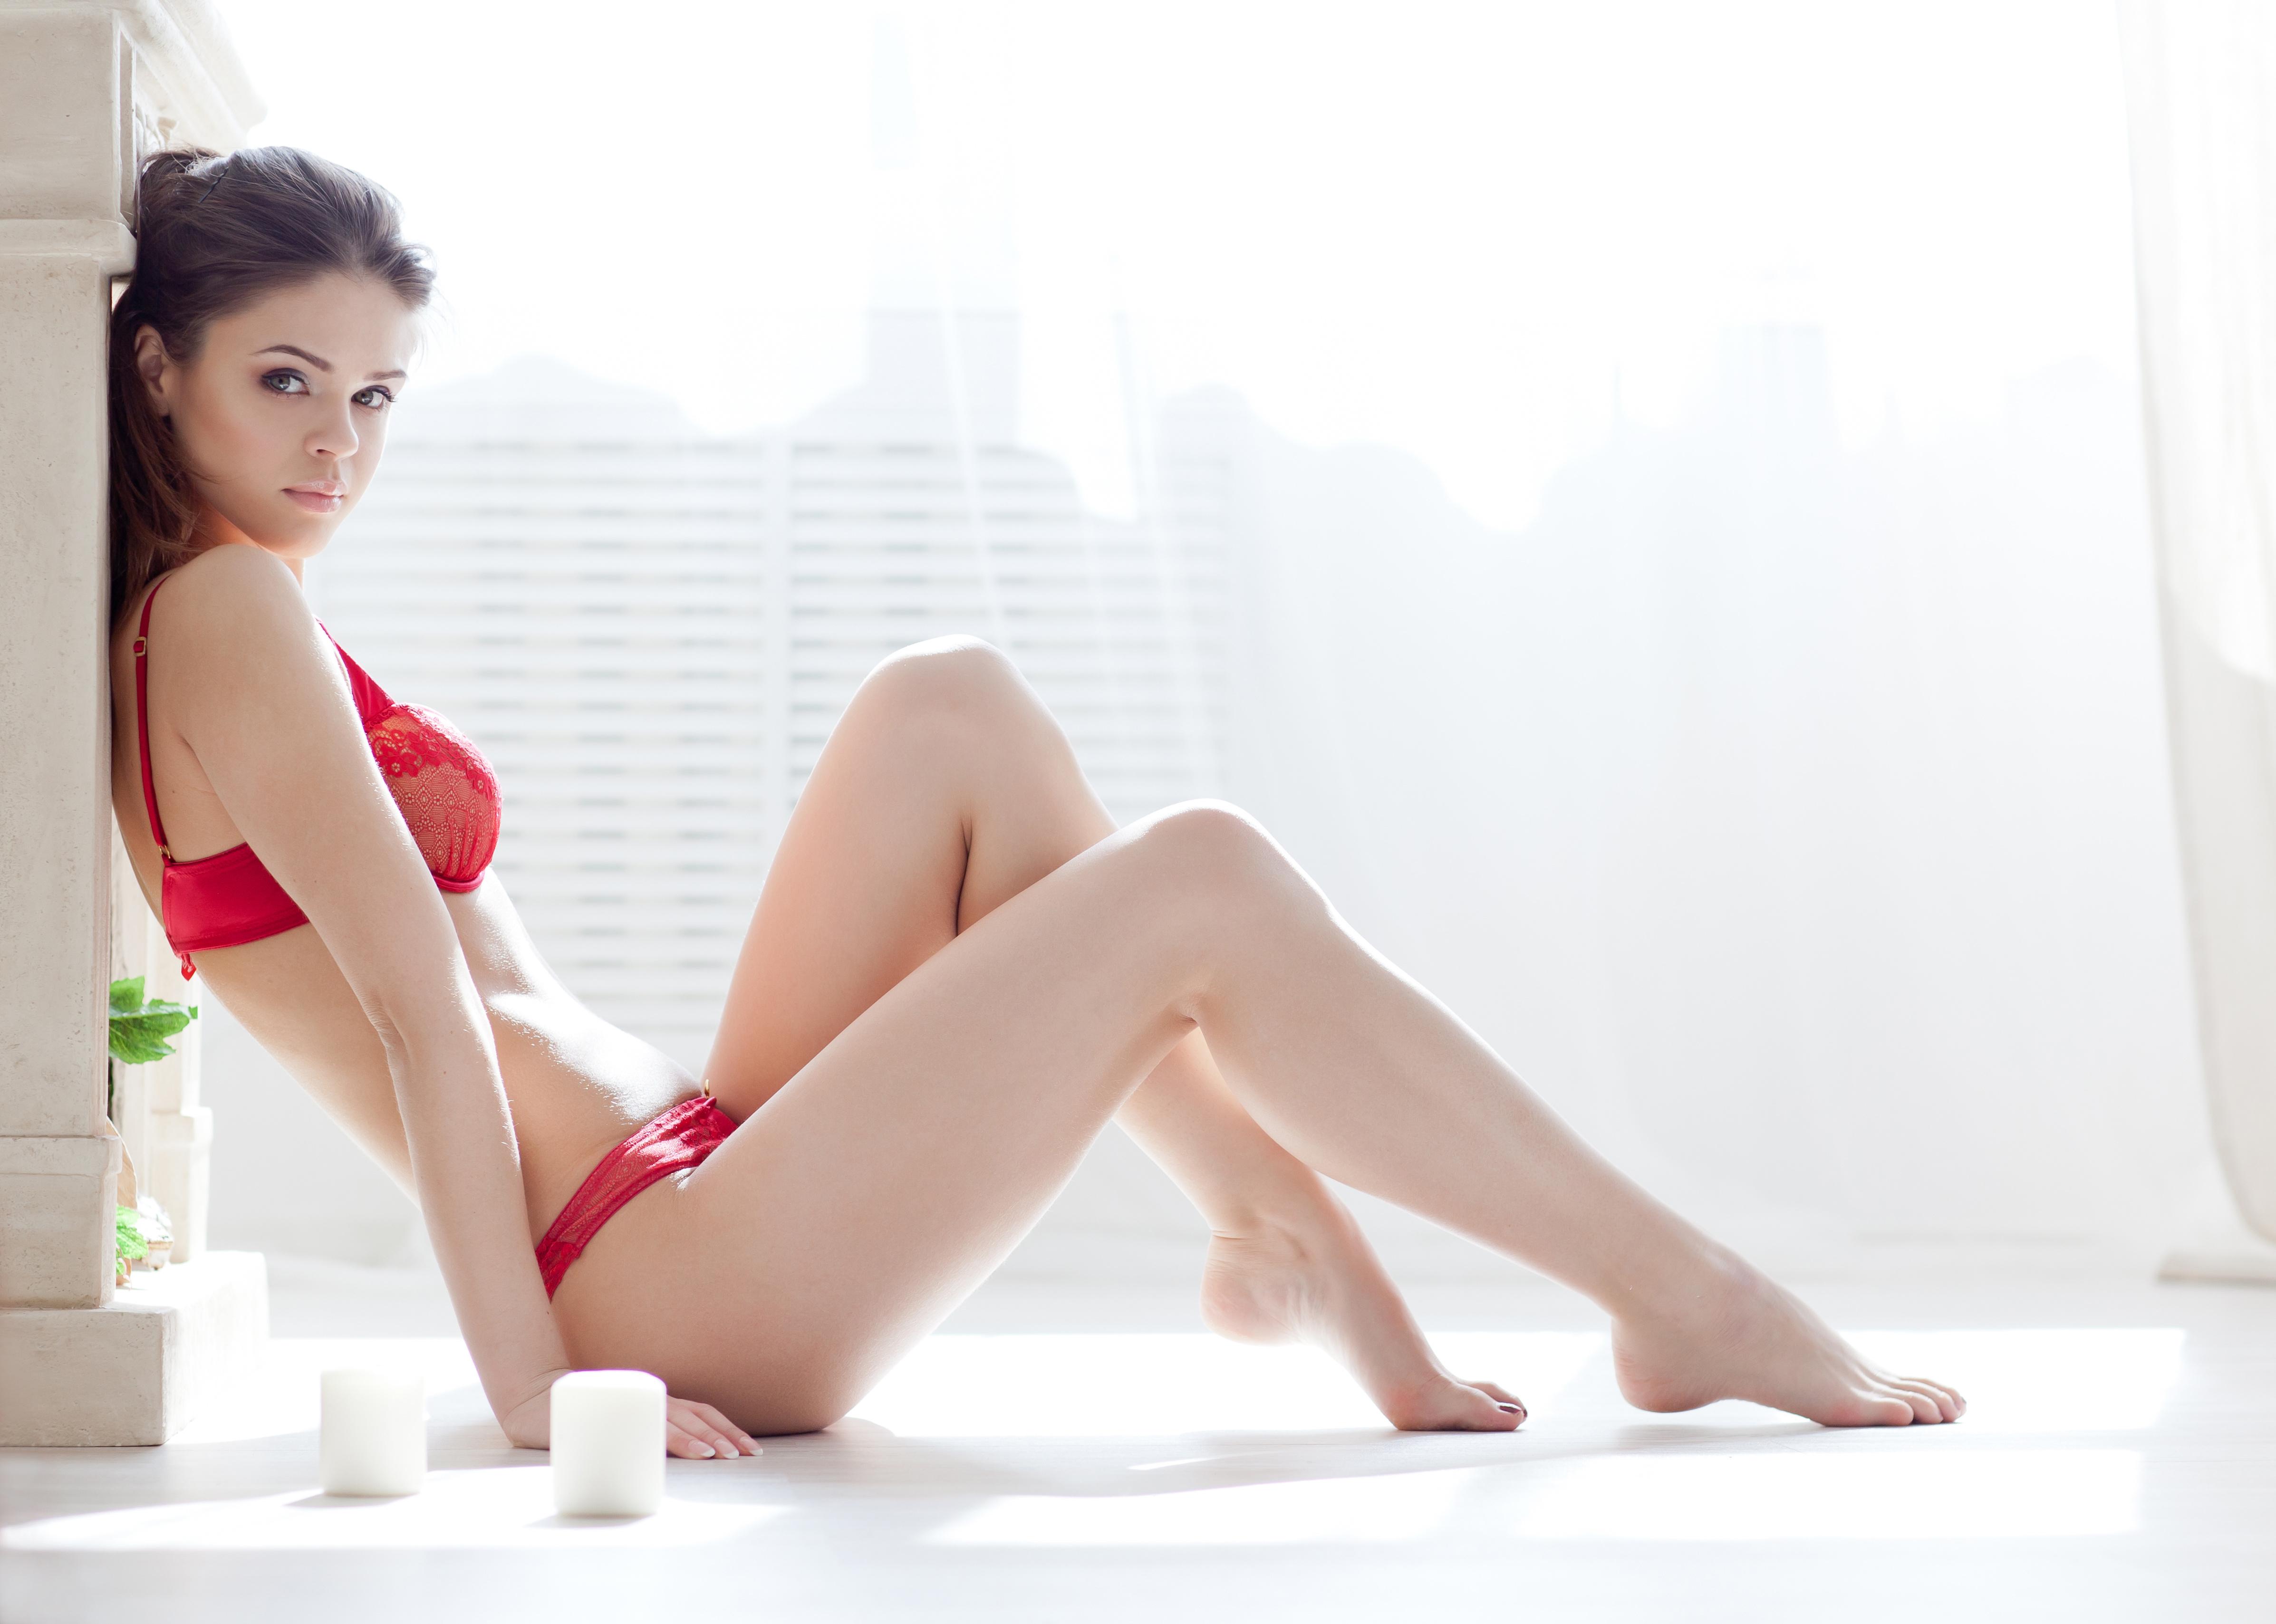 Член в вагине молоденькой фото 23 фотография